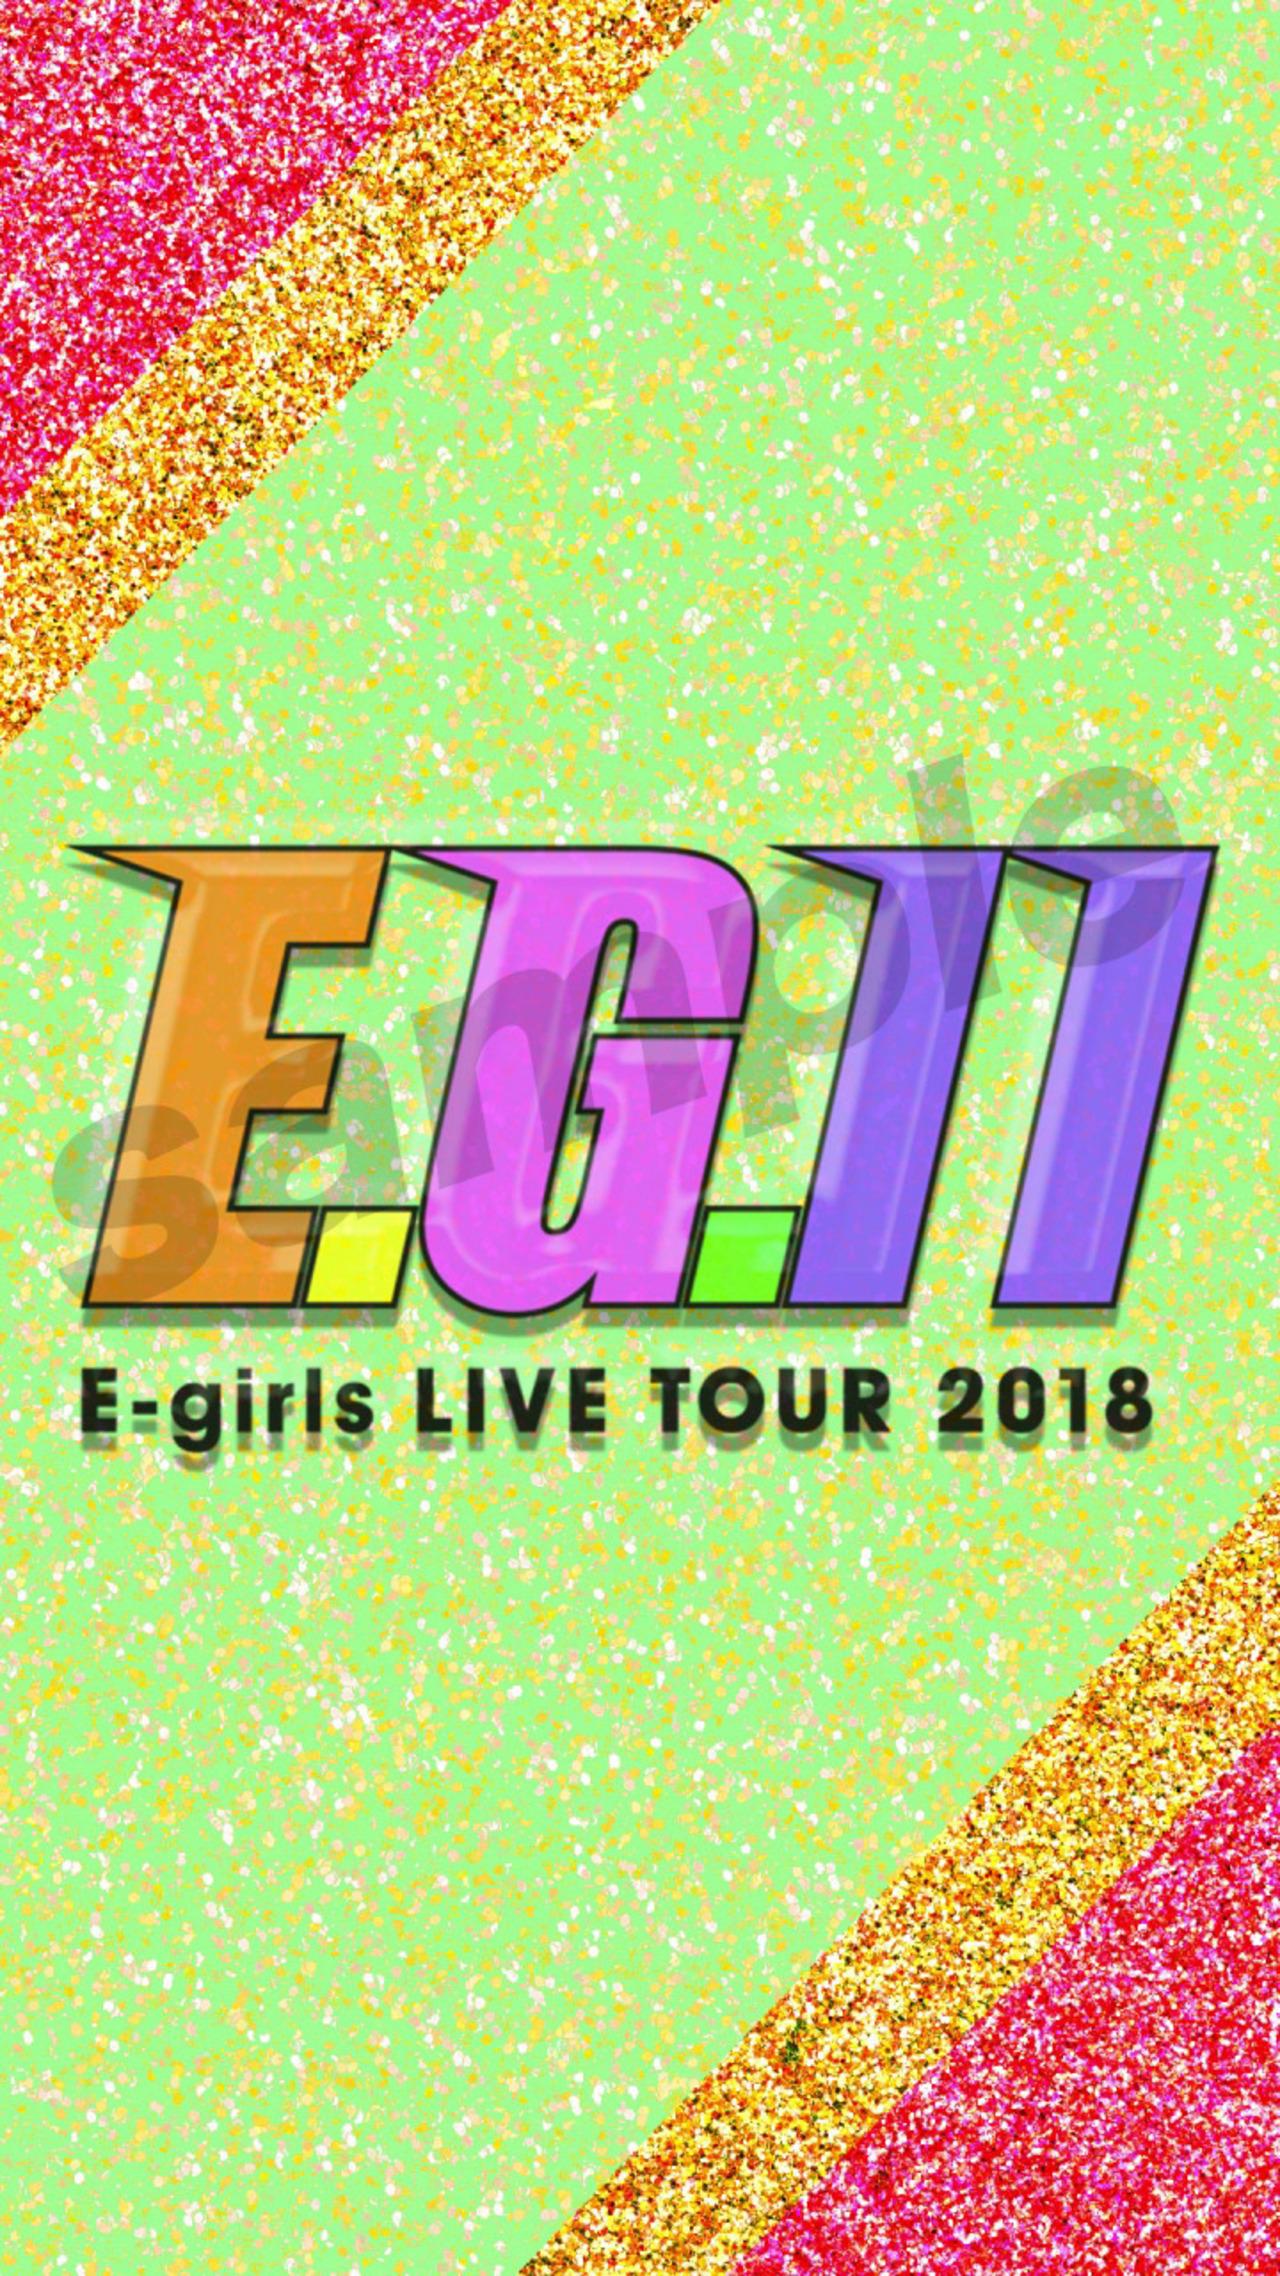 E G Family公式line E Girls Live Tour 2018 E G 11 クイズ